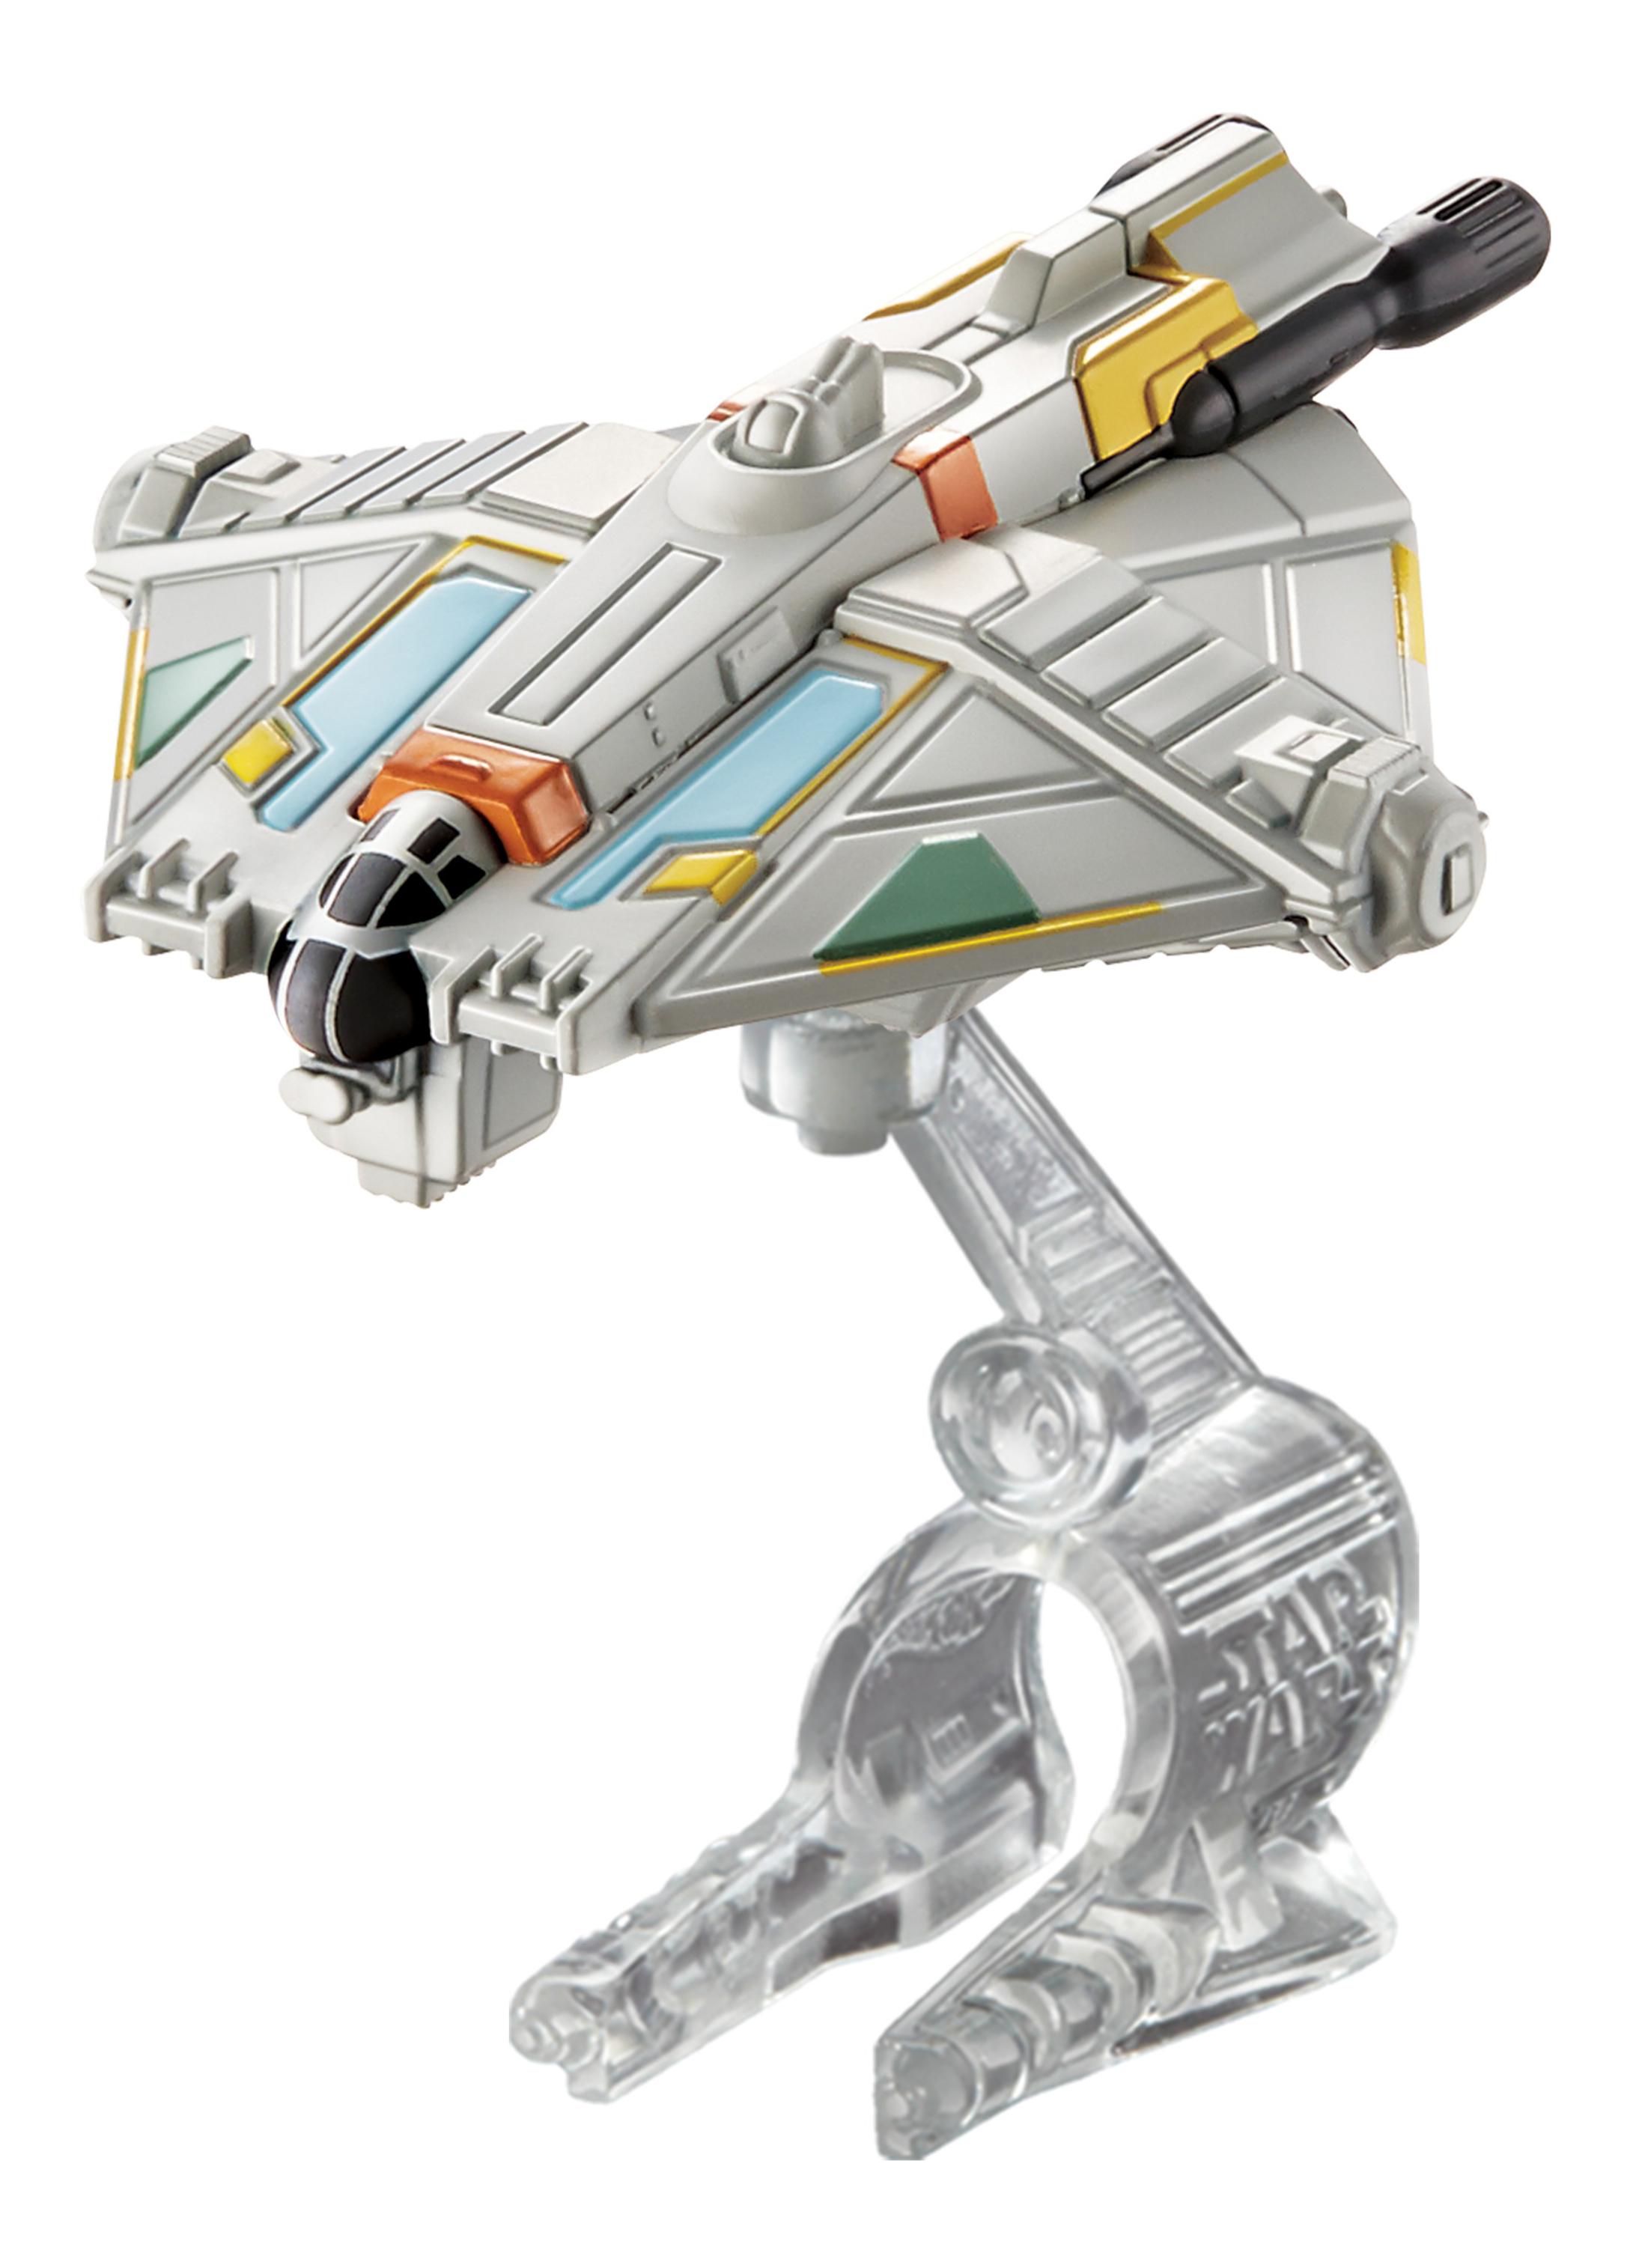 Купить Истребитель Hot Wheels Звездолёты серии Звёздные войны CGW52 DRX07, Воздушный транспорт